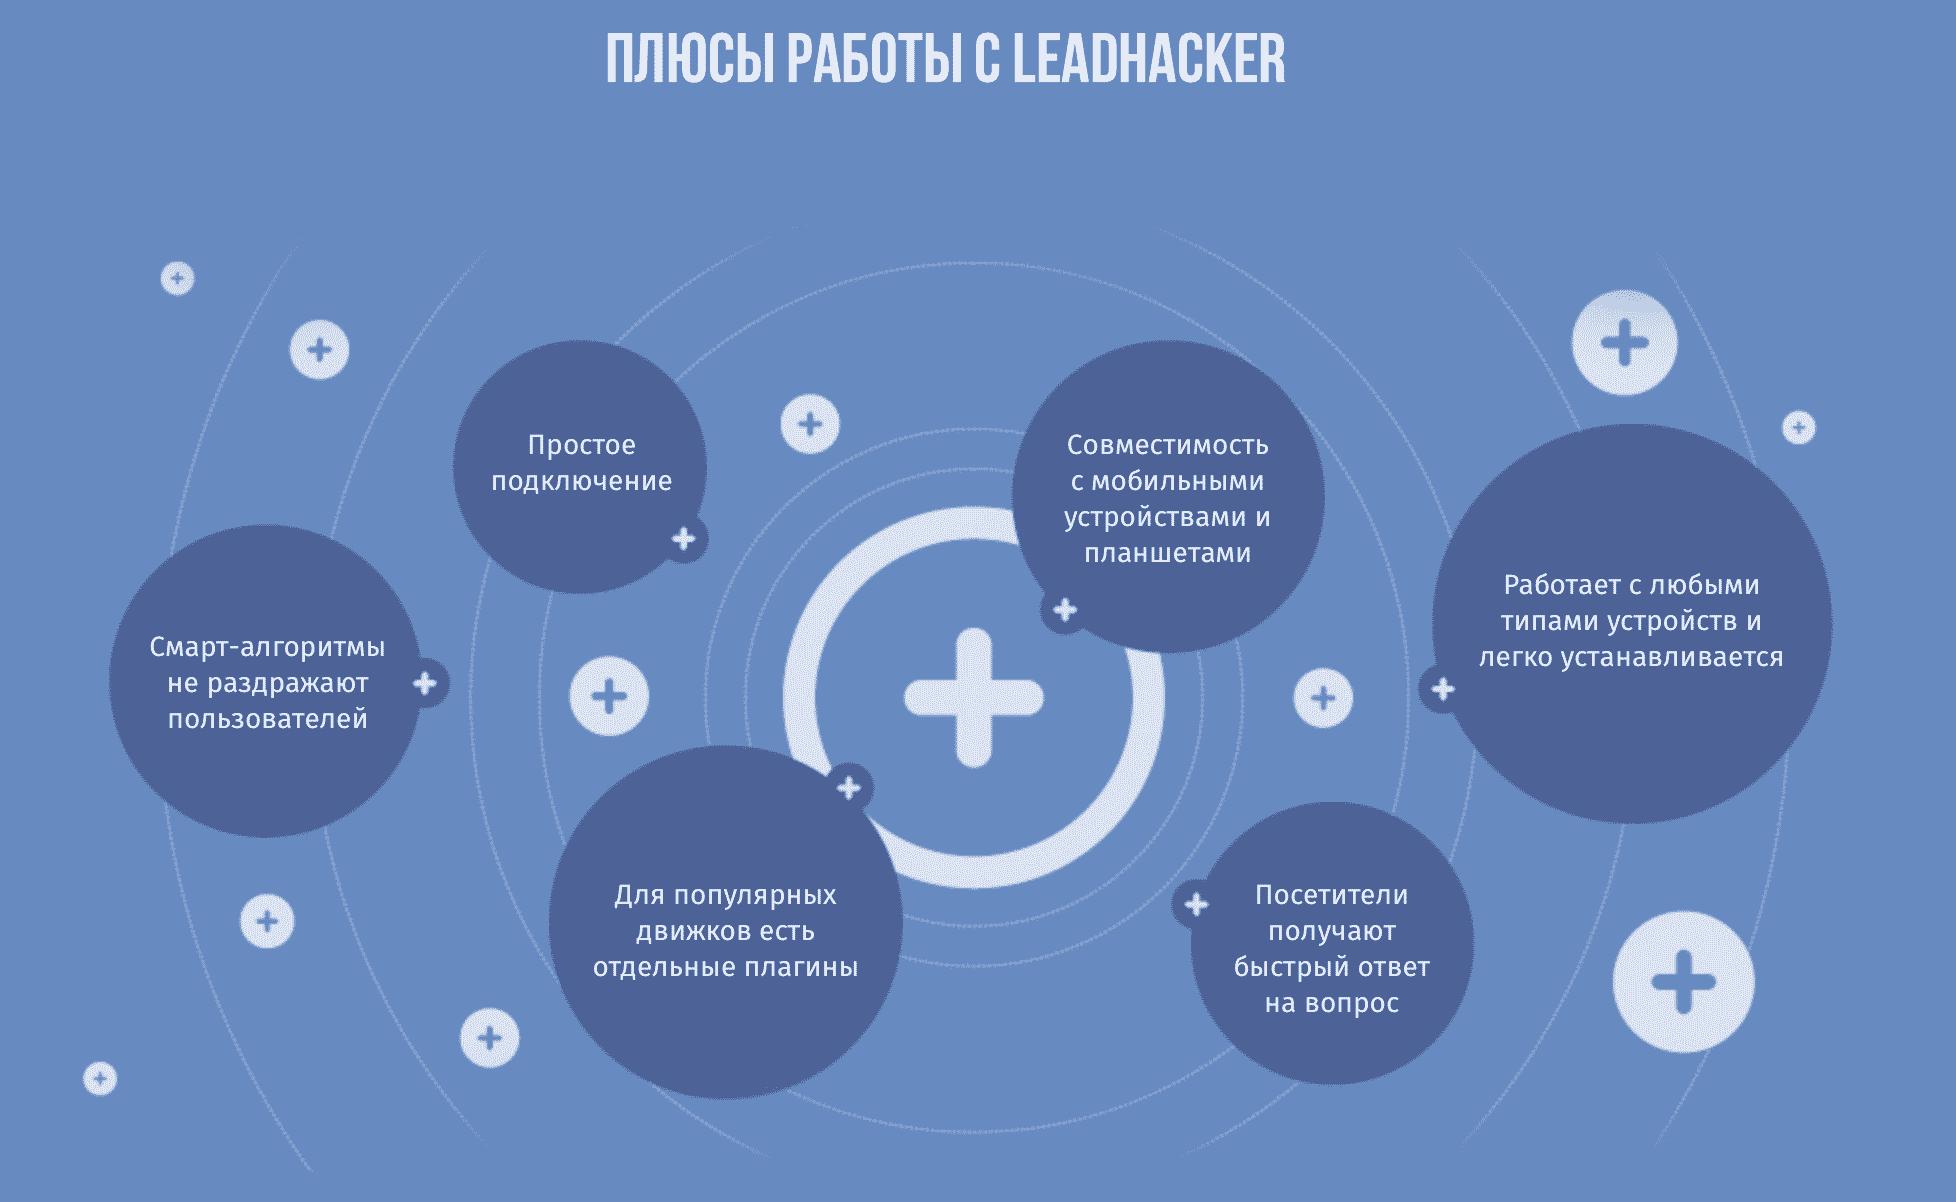 leadhacker — инструмент для гарантируемого увеличения конверсии по звонкам